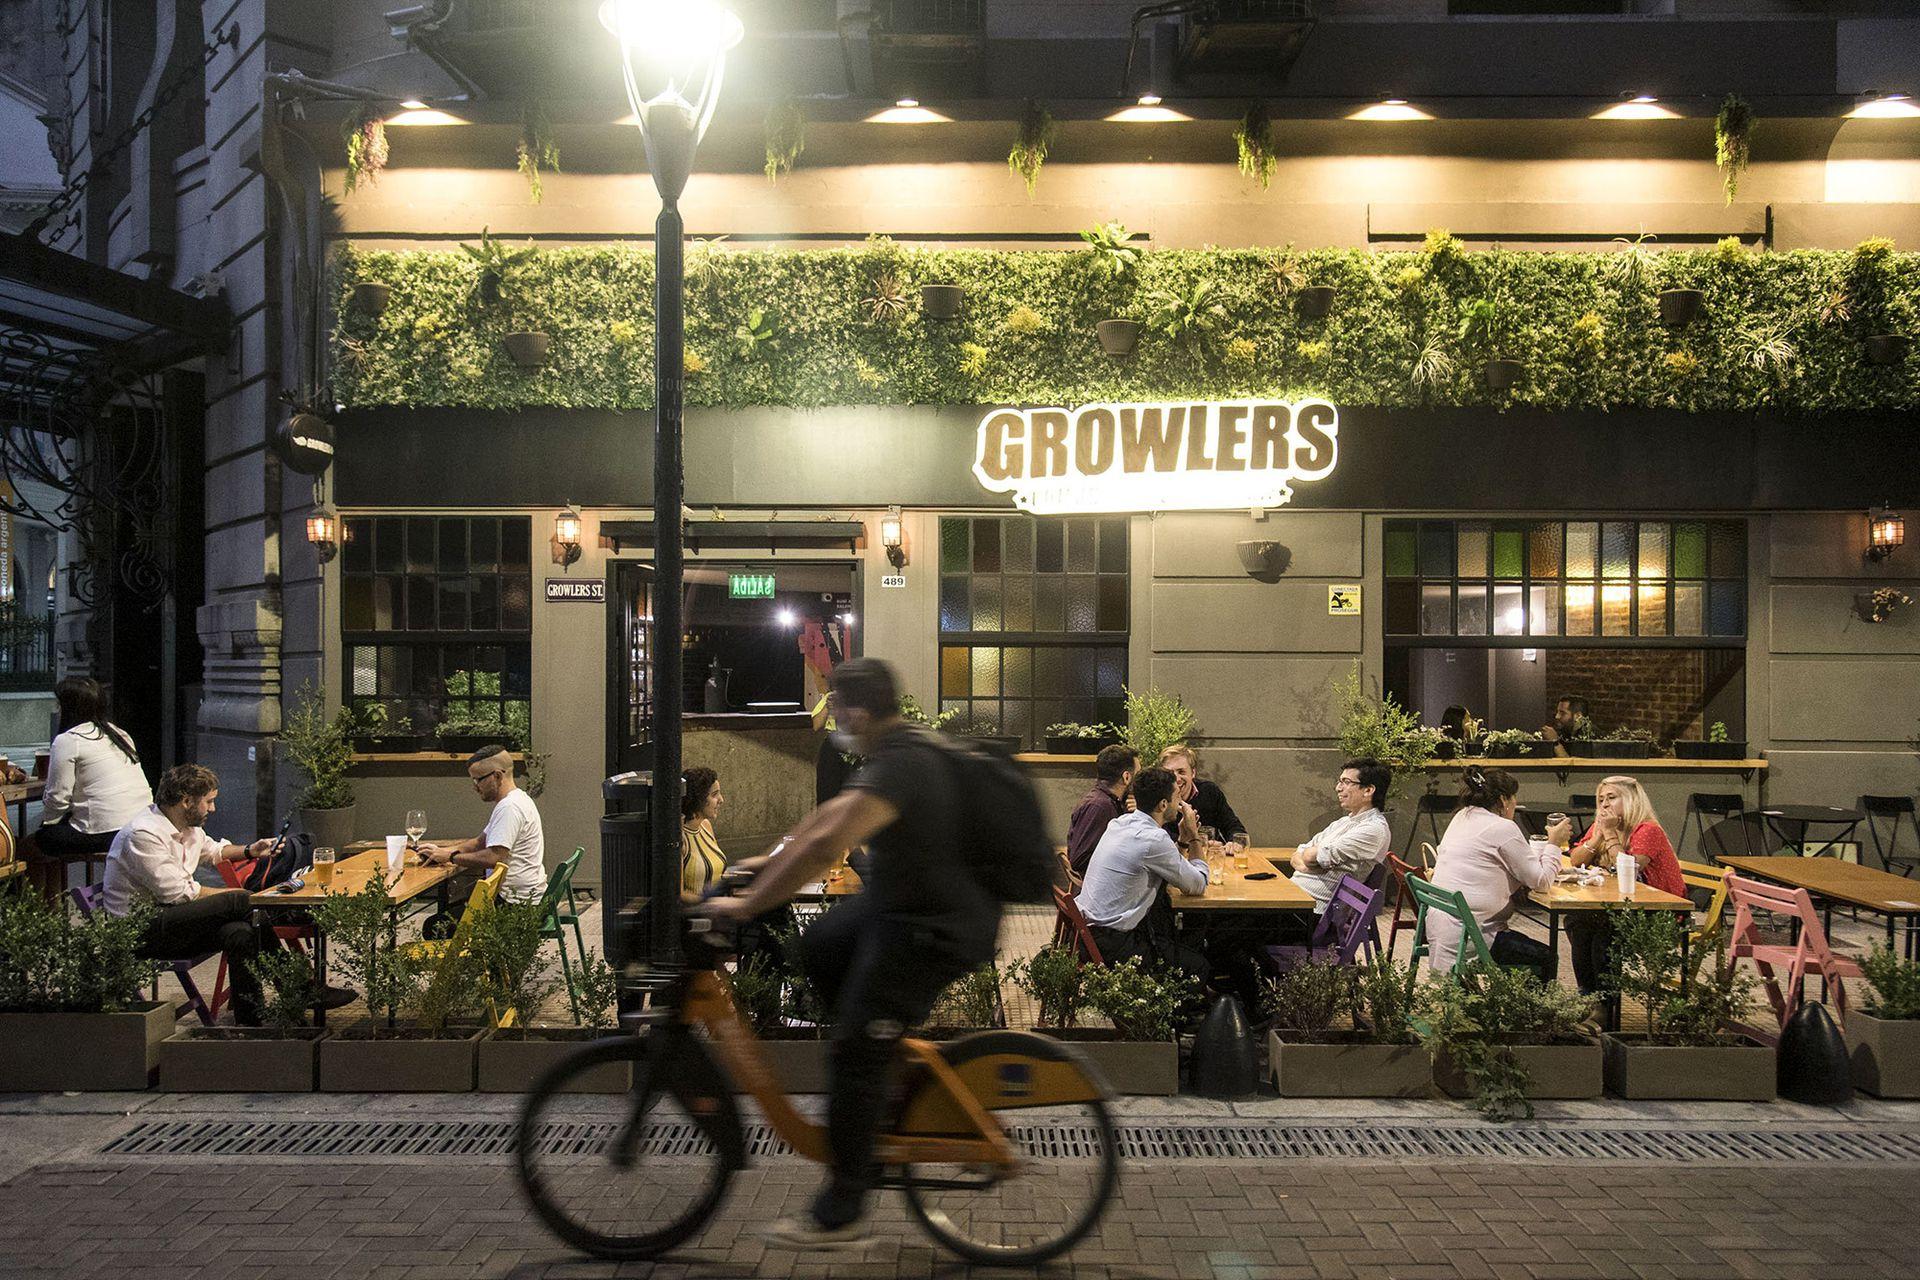 La cervecería Growlers abrió una sucursal en la esquina de Perón y San Martín